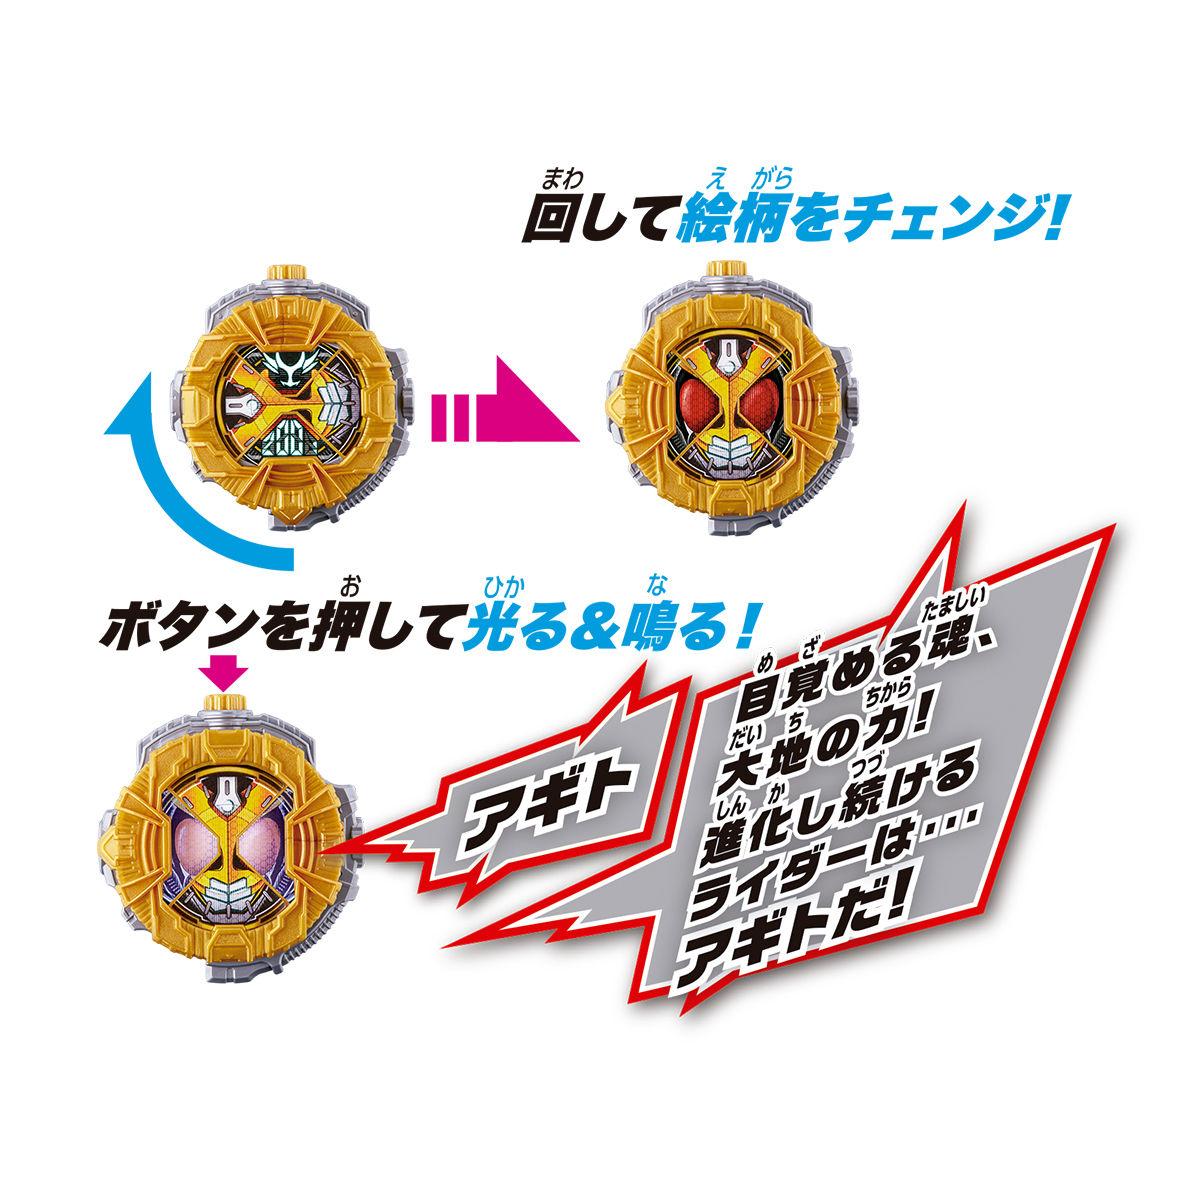 仮面ライダージオウ『DXアギトライドウォッチ』変身なりきり-007